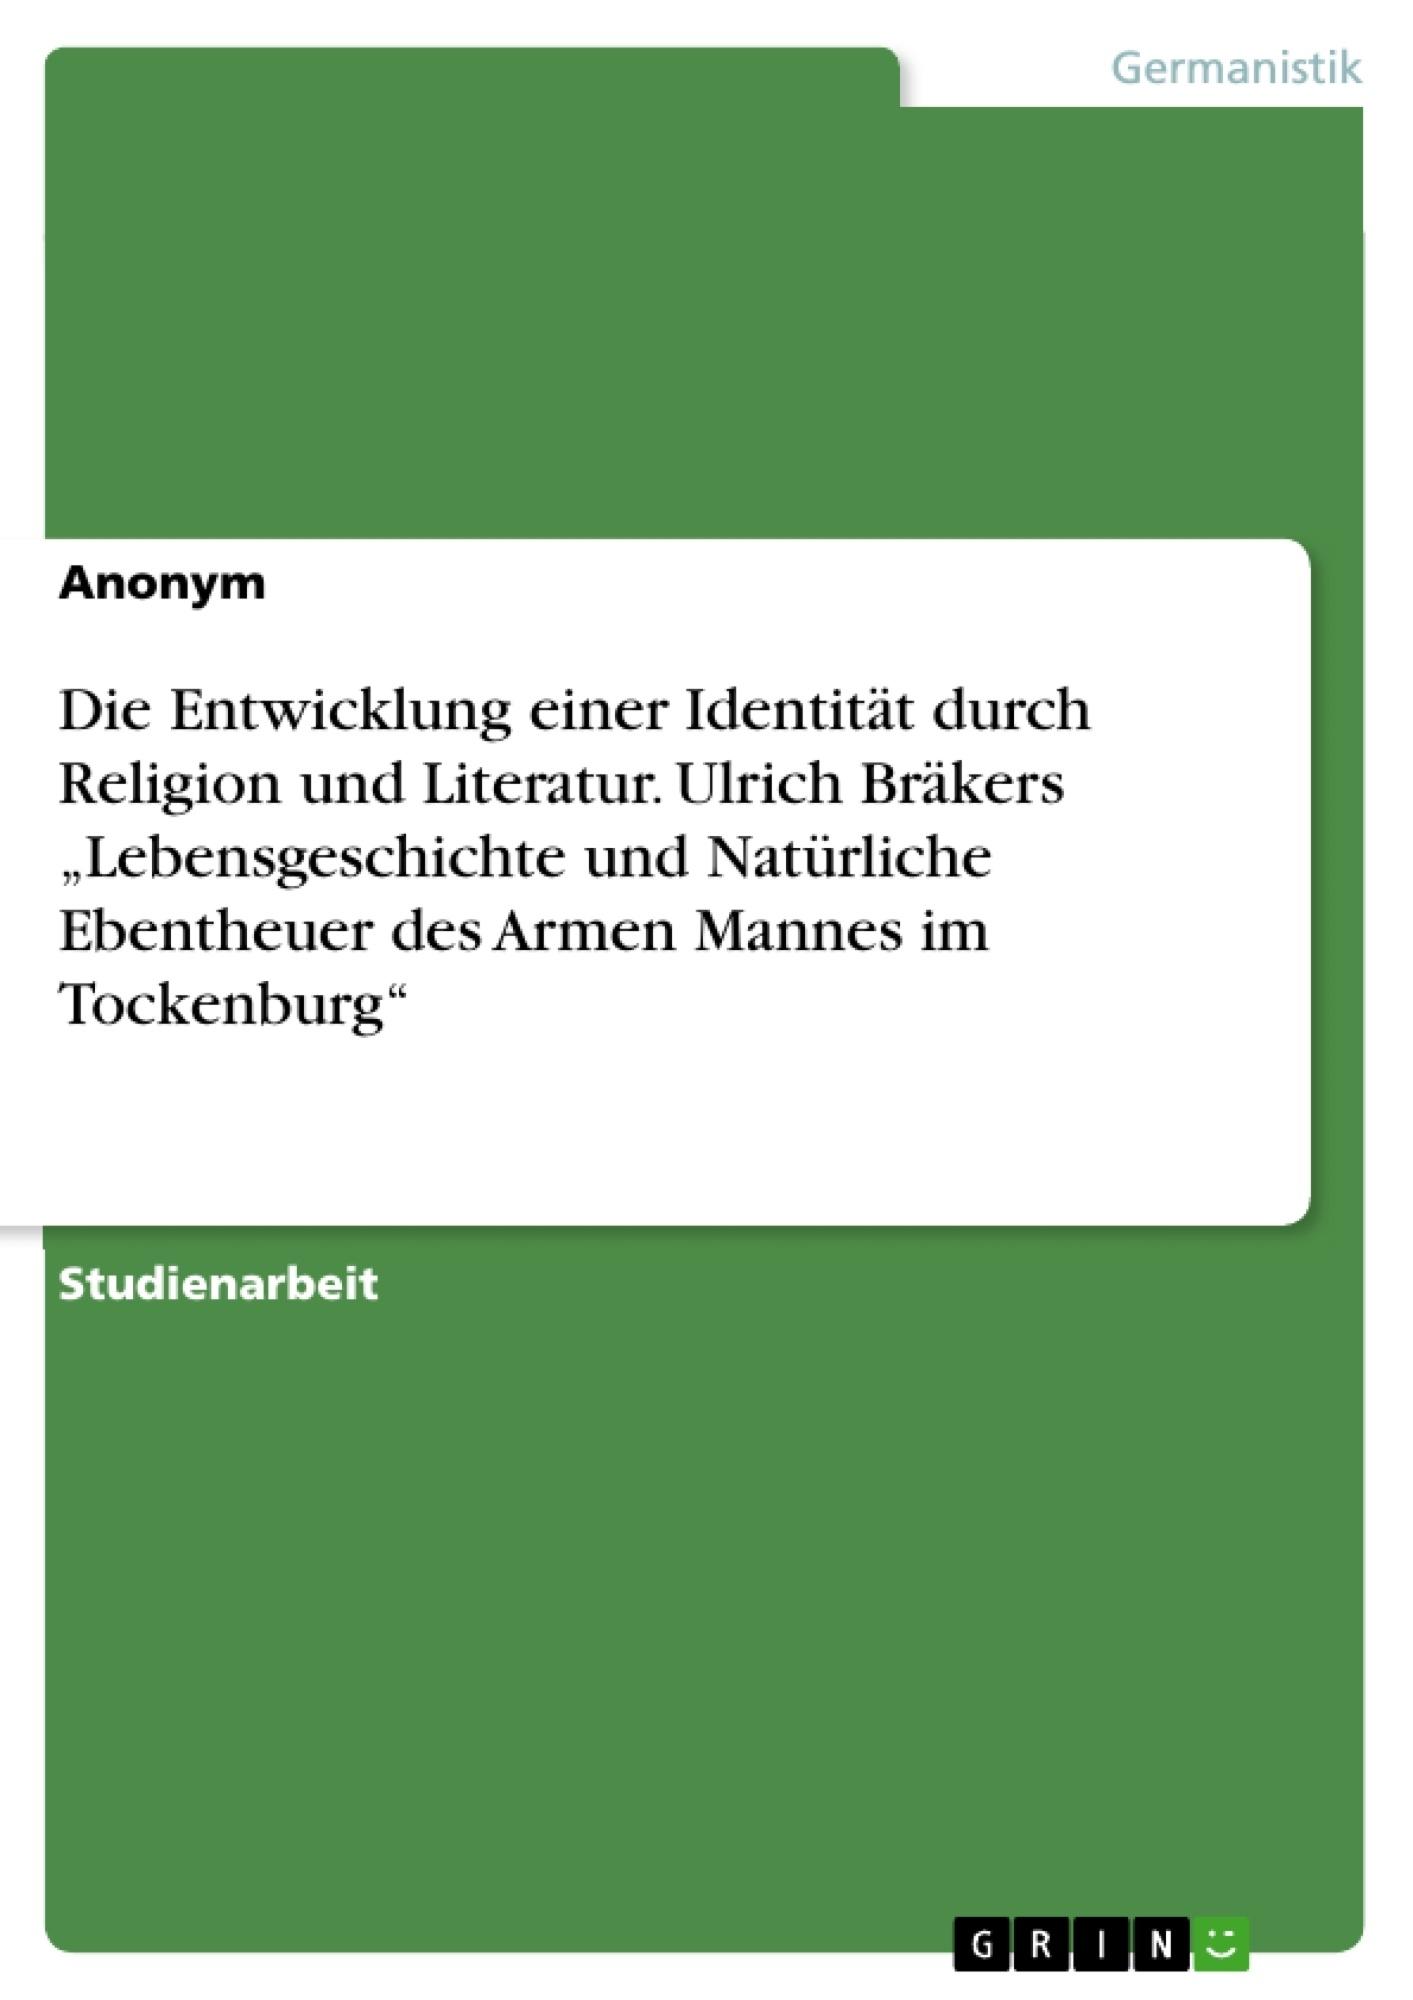 """Titel: Die Entwicklung einer Identität durch Religion und Literatur. Ulrich Bräkers """"Lebensgeschichte und Natürliche Ebentheuer des Armen Mannes im Tockenburg"""""""